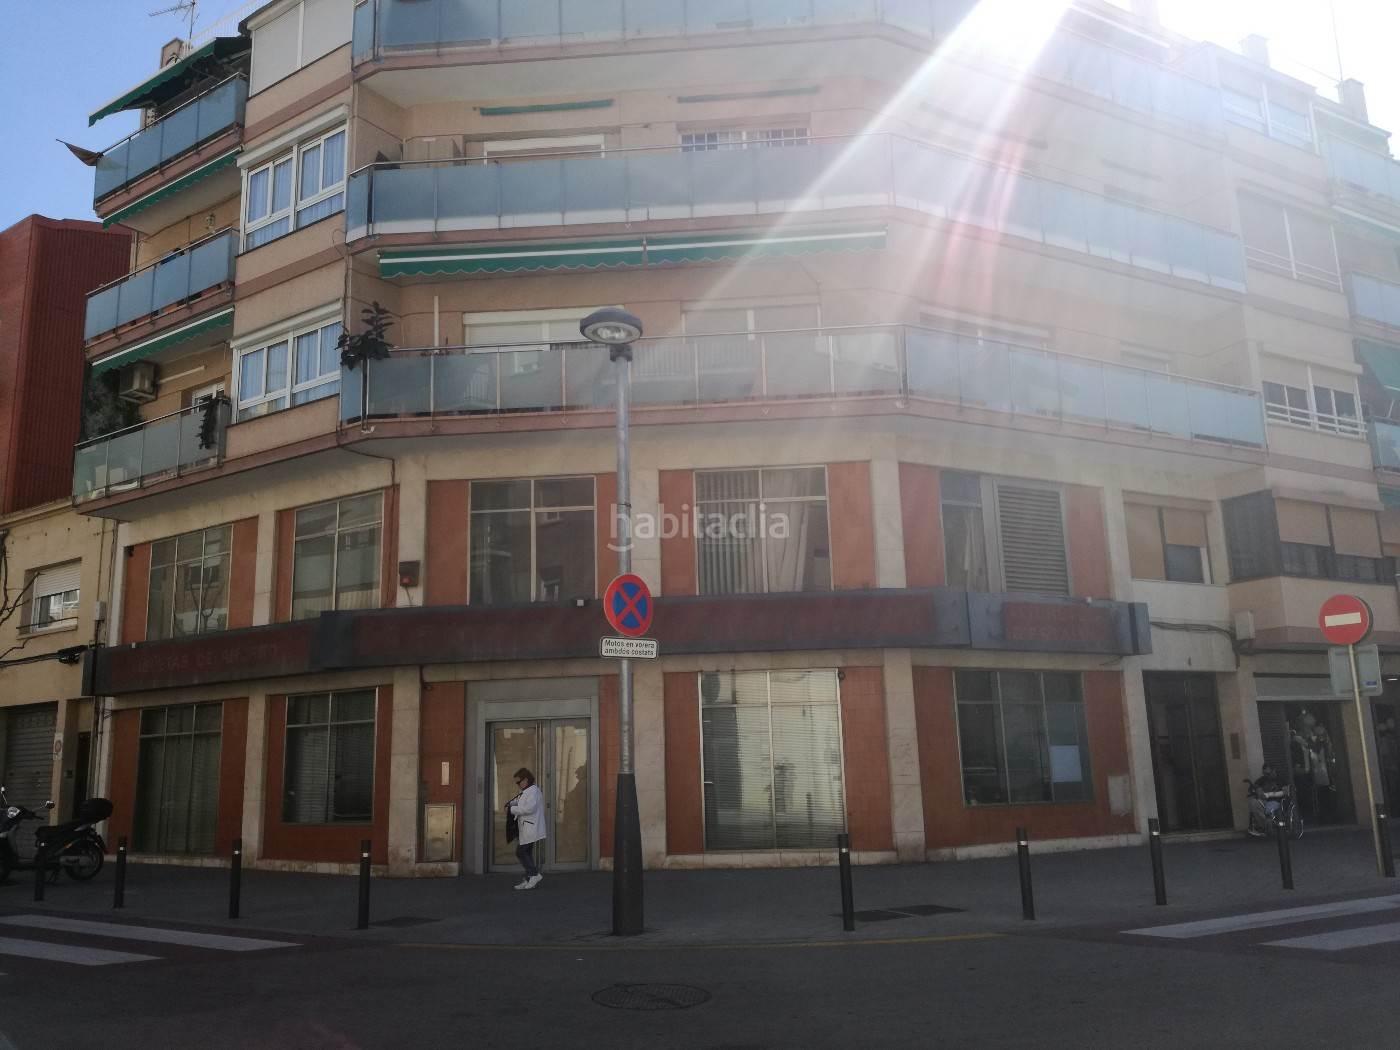 Otros negocios por de 278 metros carrer bon - Obra nueva en sant joan despi ...